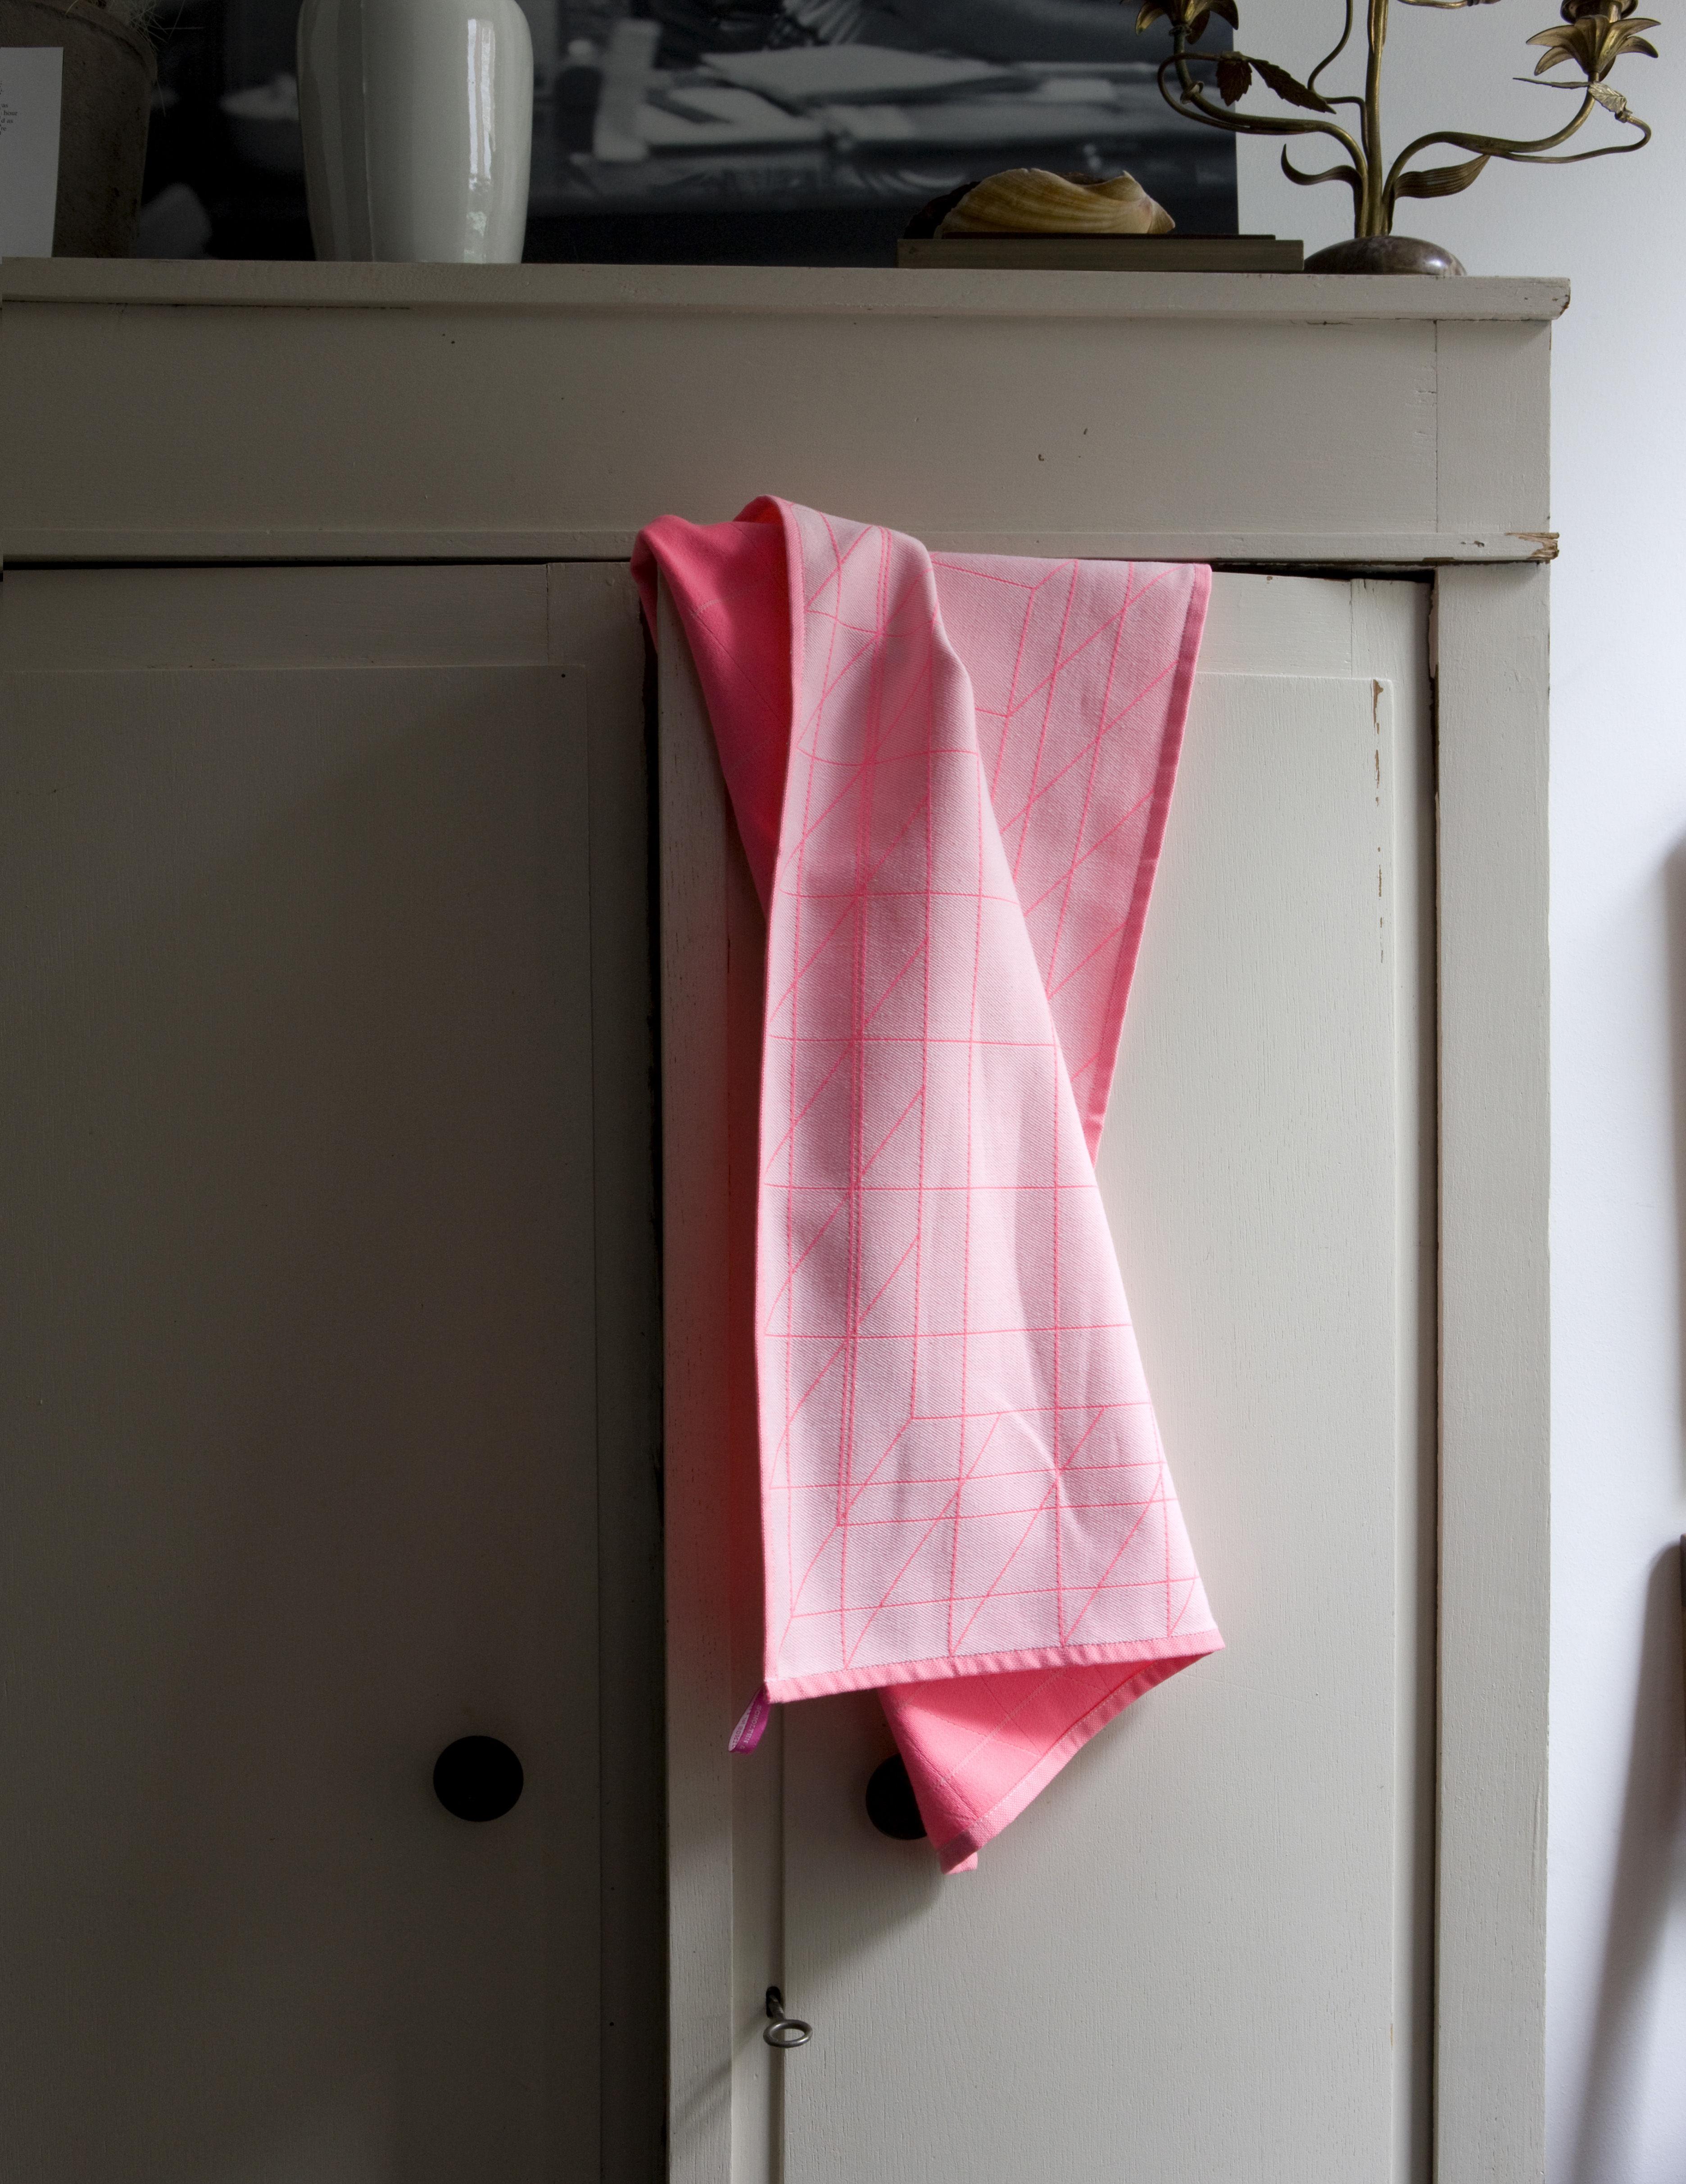 Cuisine - Tabliers et torchons   - Torchon S&B / Lot de 2 - Hay - Box ( Rose fluo et rouge) - Coton